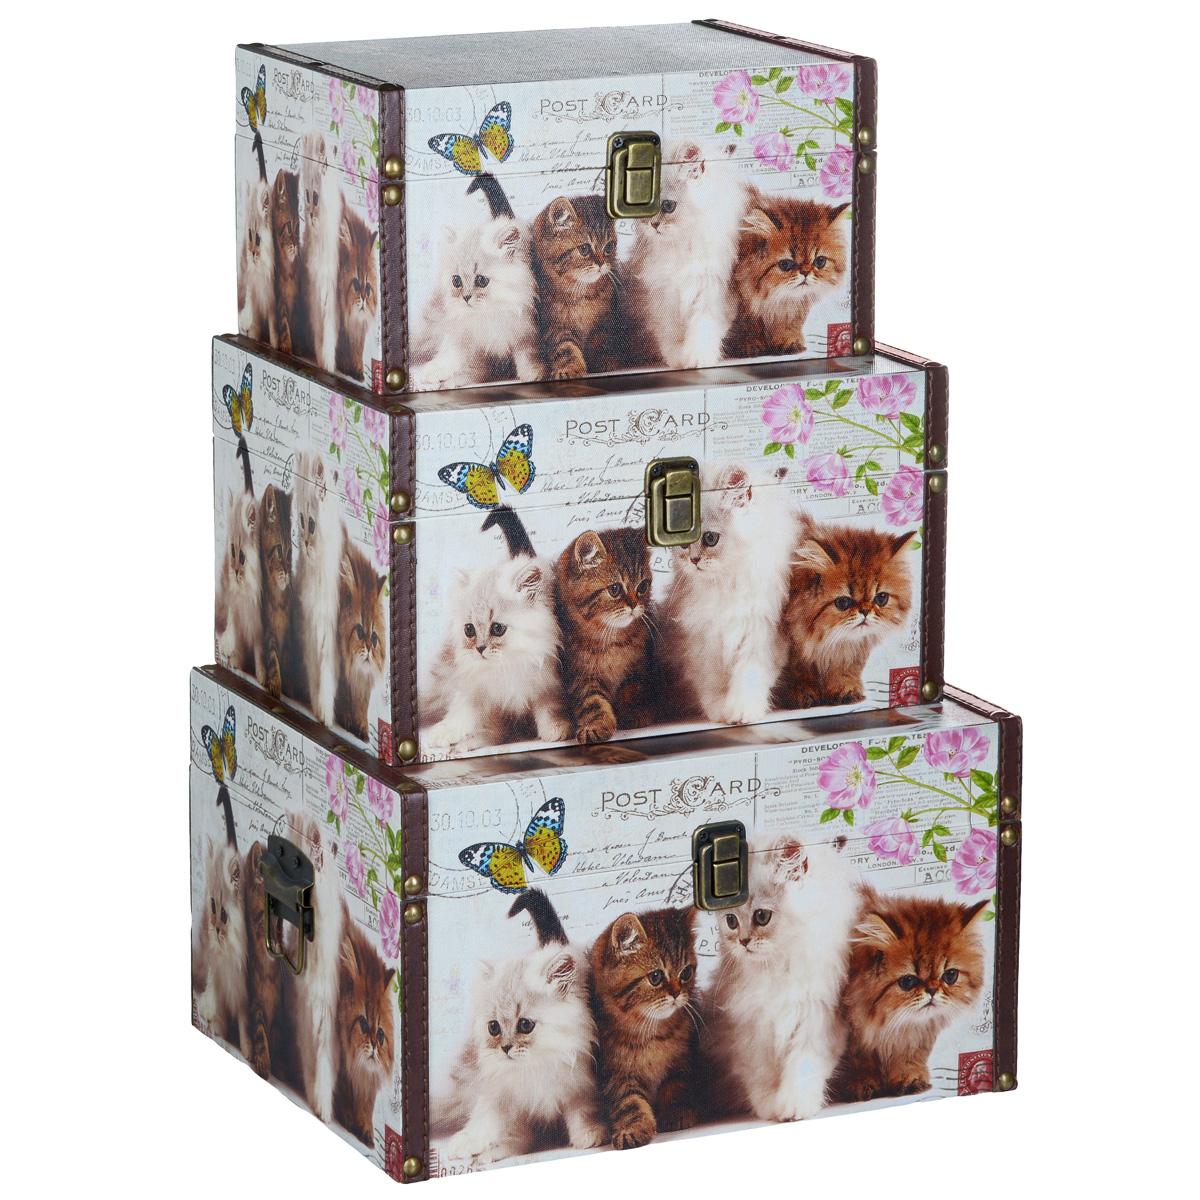 Набор шкатулок для рукоделия Забавные котята, цвет: коричневый, белый, серый, 3 штTL3976R3Набор Забавные котята состоит из трех шкатулок разного размера, изготовленных из МДФ, картона и холщовой ткани и оснащенных крышками. Изделия оформлены изображением котят. Крышки закрываются на металлический замок- защелку. Внутри изделия обтянуты тканью коричневого цвета. Самая большая шкатулка имеет по бокам две металлические ручки для удобной переноски. Изящные шкатулки с ярким дизайном, складывающиеся одна в другую, предназначены для хранения мелочей, принадлежностей для шитья и творчества и других аксессуаров. Они красиво оформят интерьер комнаты и помогут хранить ваши вещи в порядке. Размер большой шкатулки: 30 см х 24 см х 17 см. Размер средней шкатулки: 27 см х 20 см х 15 см. Размер маленькой шкатулки: 24 см х 16 см х 13 см.